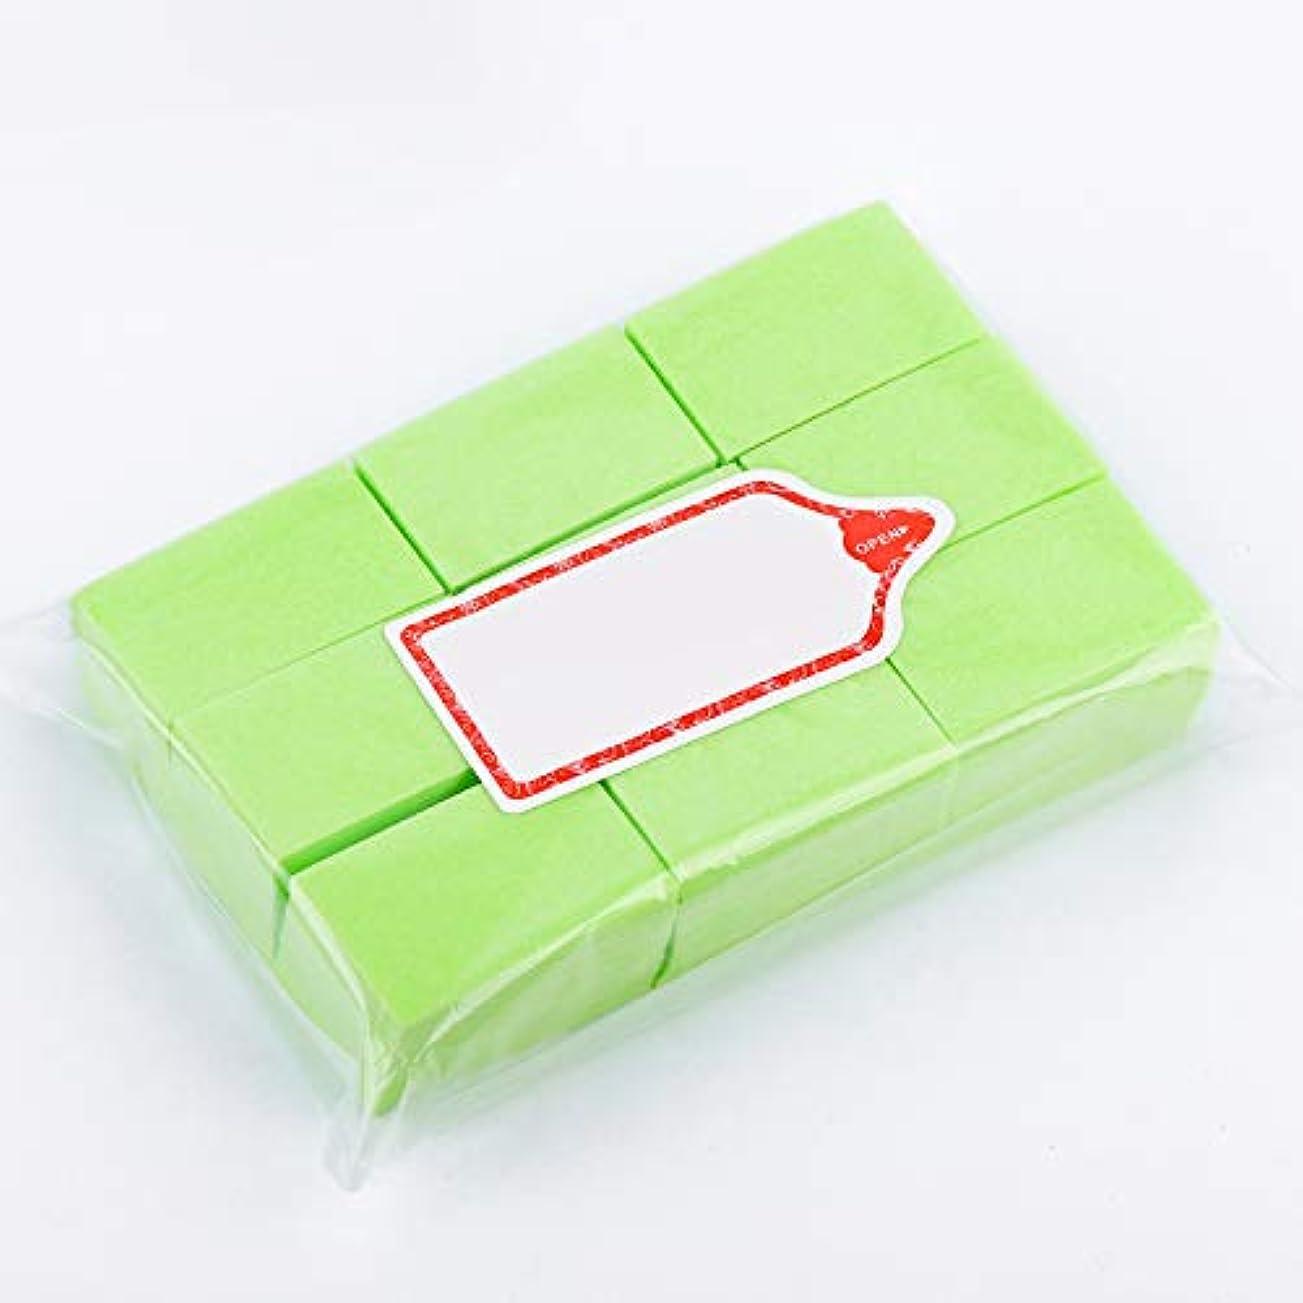 カビ掻くサイレントLWBTOSEE ネイルワイプ コットンパッド 綿繊維 クリーニングパッド リムーバーワイプ 柔らかい 安全無毒 600枚入 全4色 (緑)